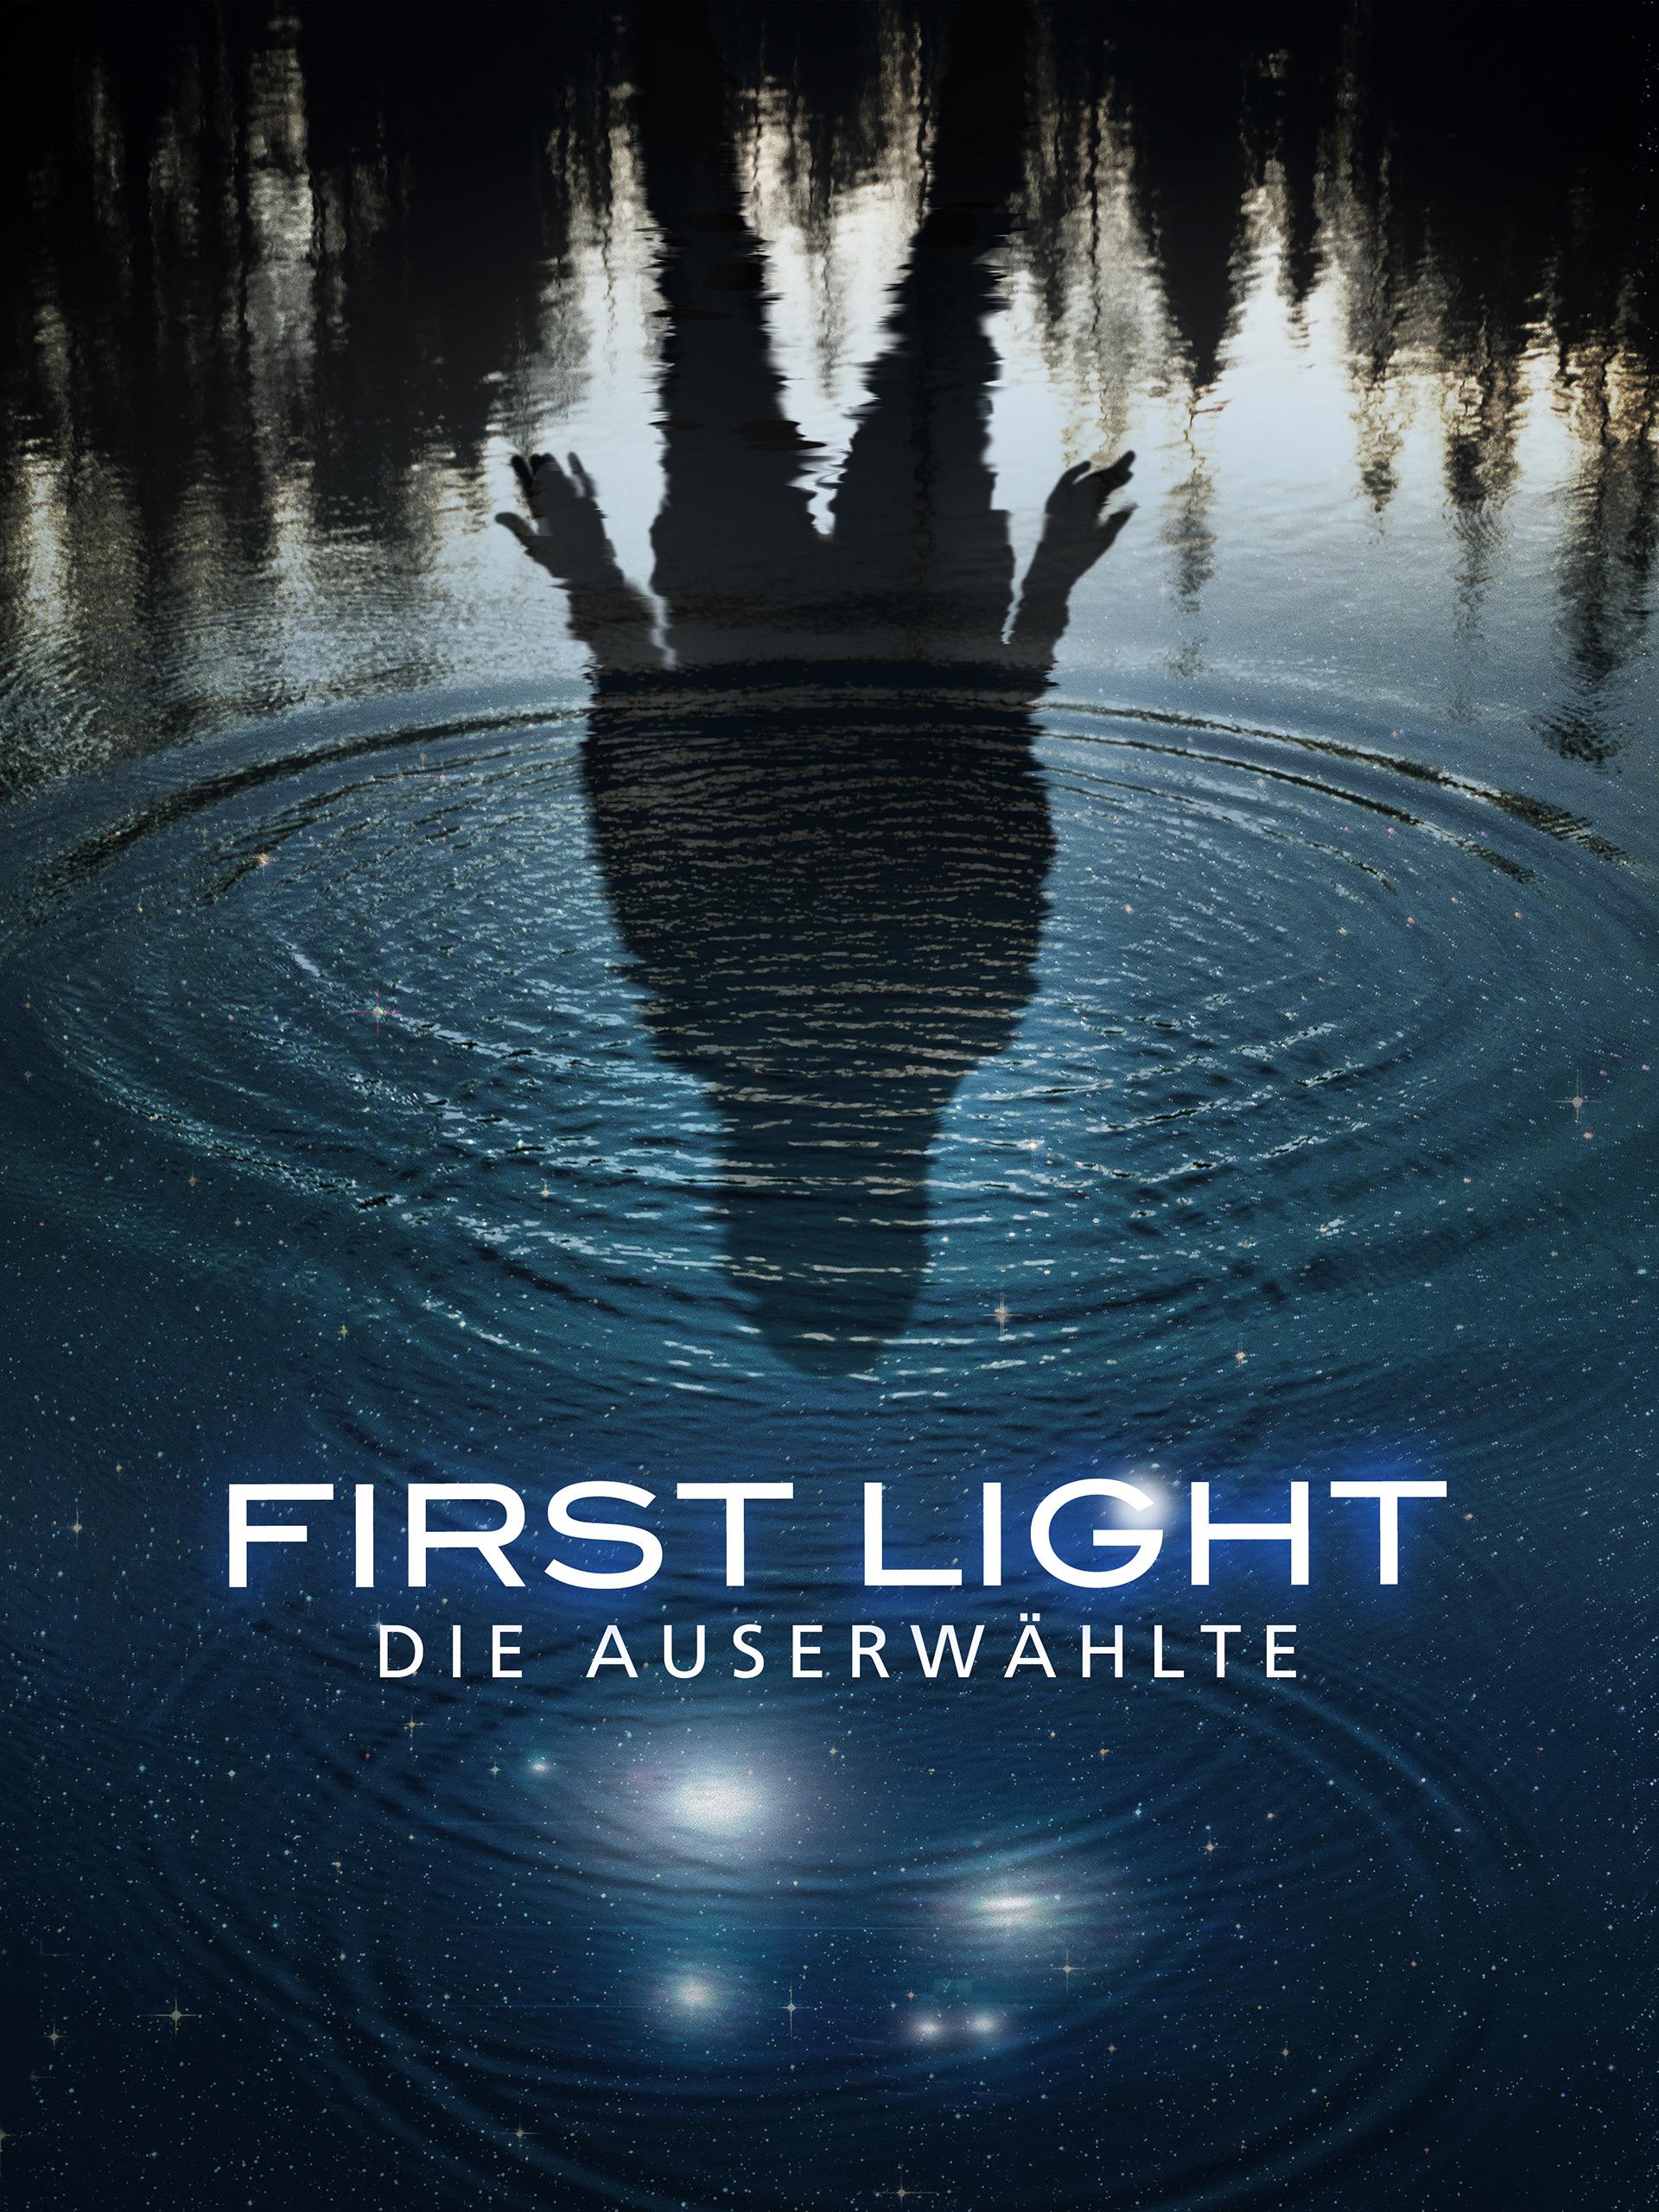 First Light: Die Auserwählte